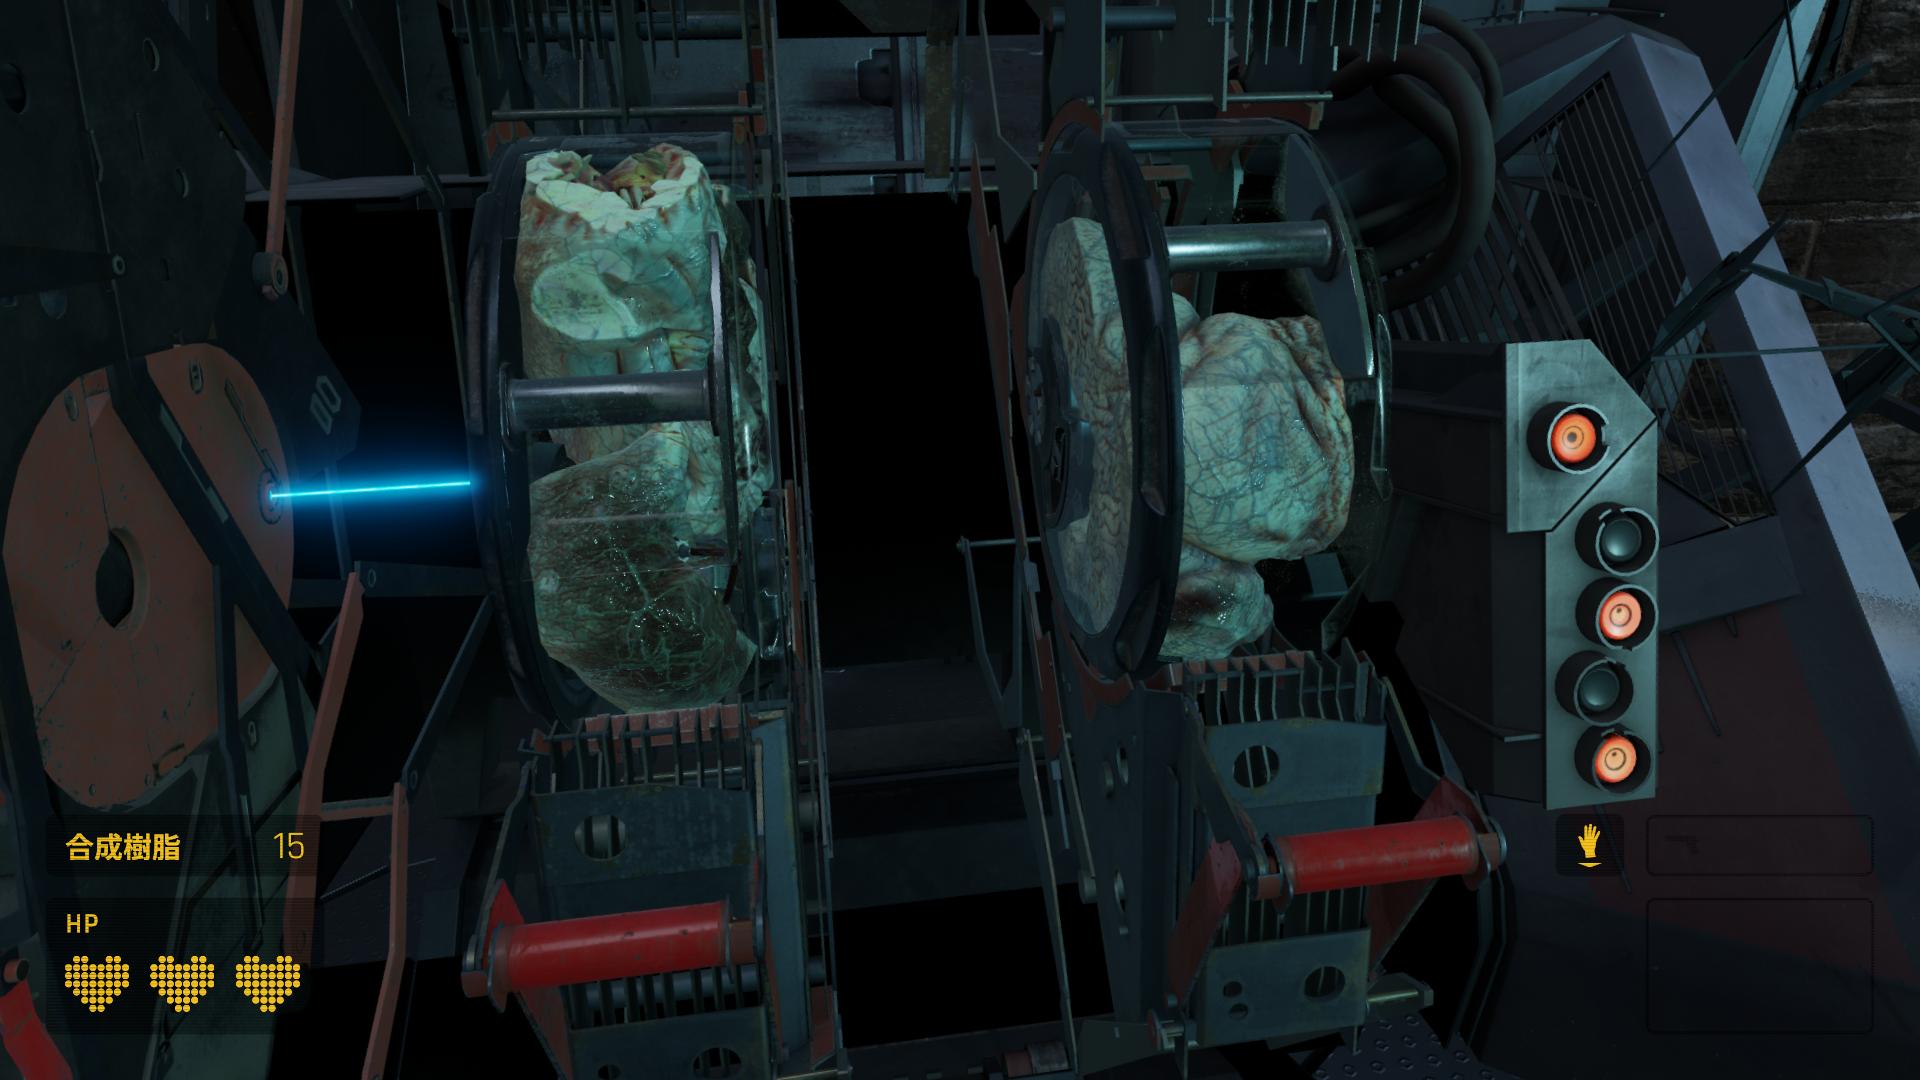 【Half-Life Alyx】引っかかりそうな難しいポイントを攻略する1